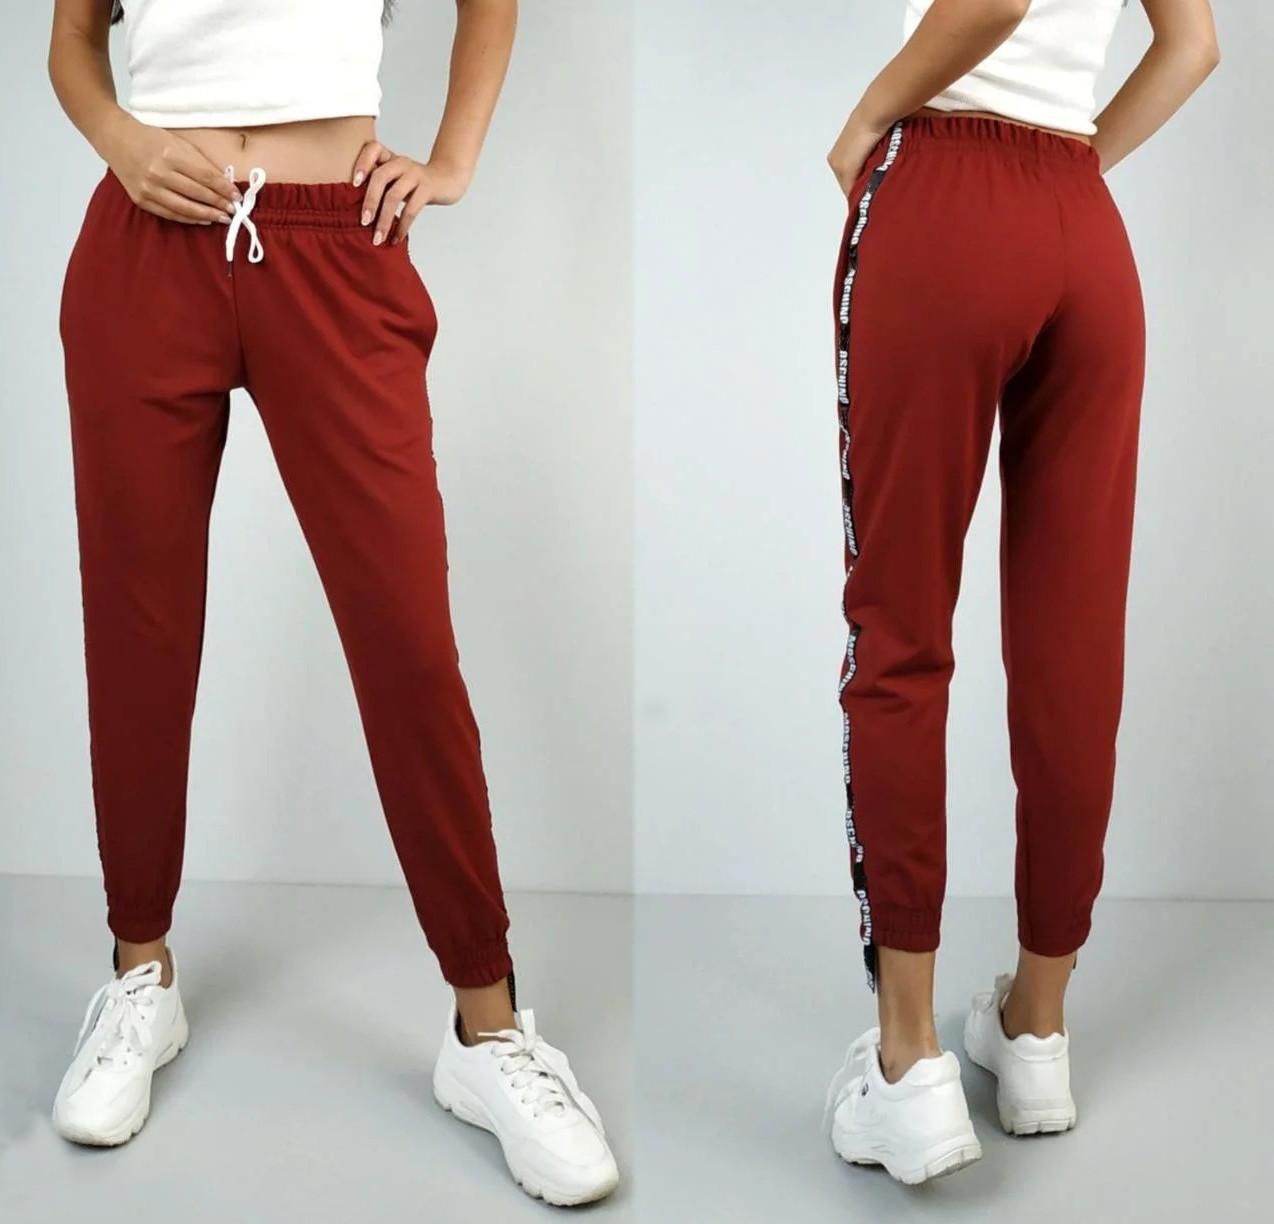 Спортивные штаны женские бордовые трикотаж с манжетами р. 44 Оschino (1229949976)